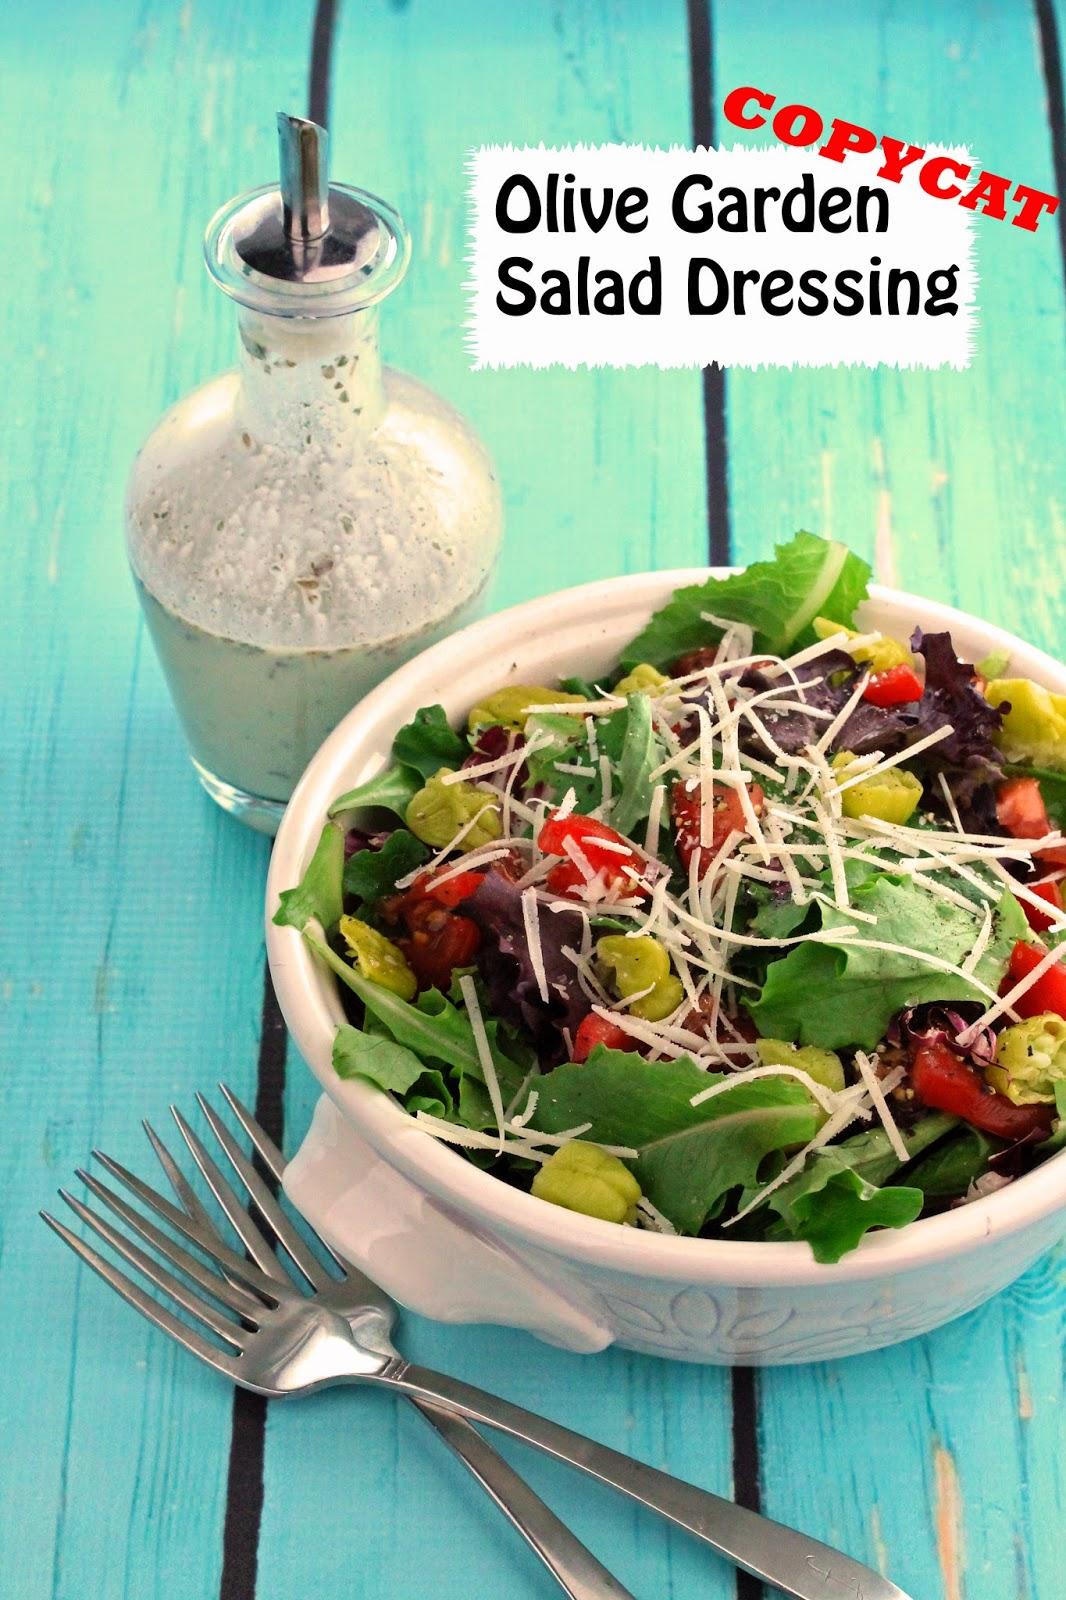 Copycat Olive Garden Salad Dressing - Olive garden house salad